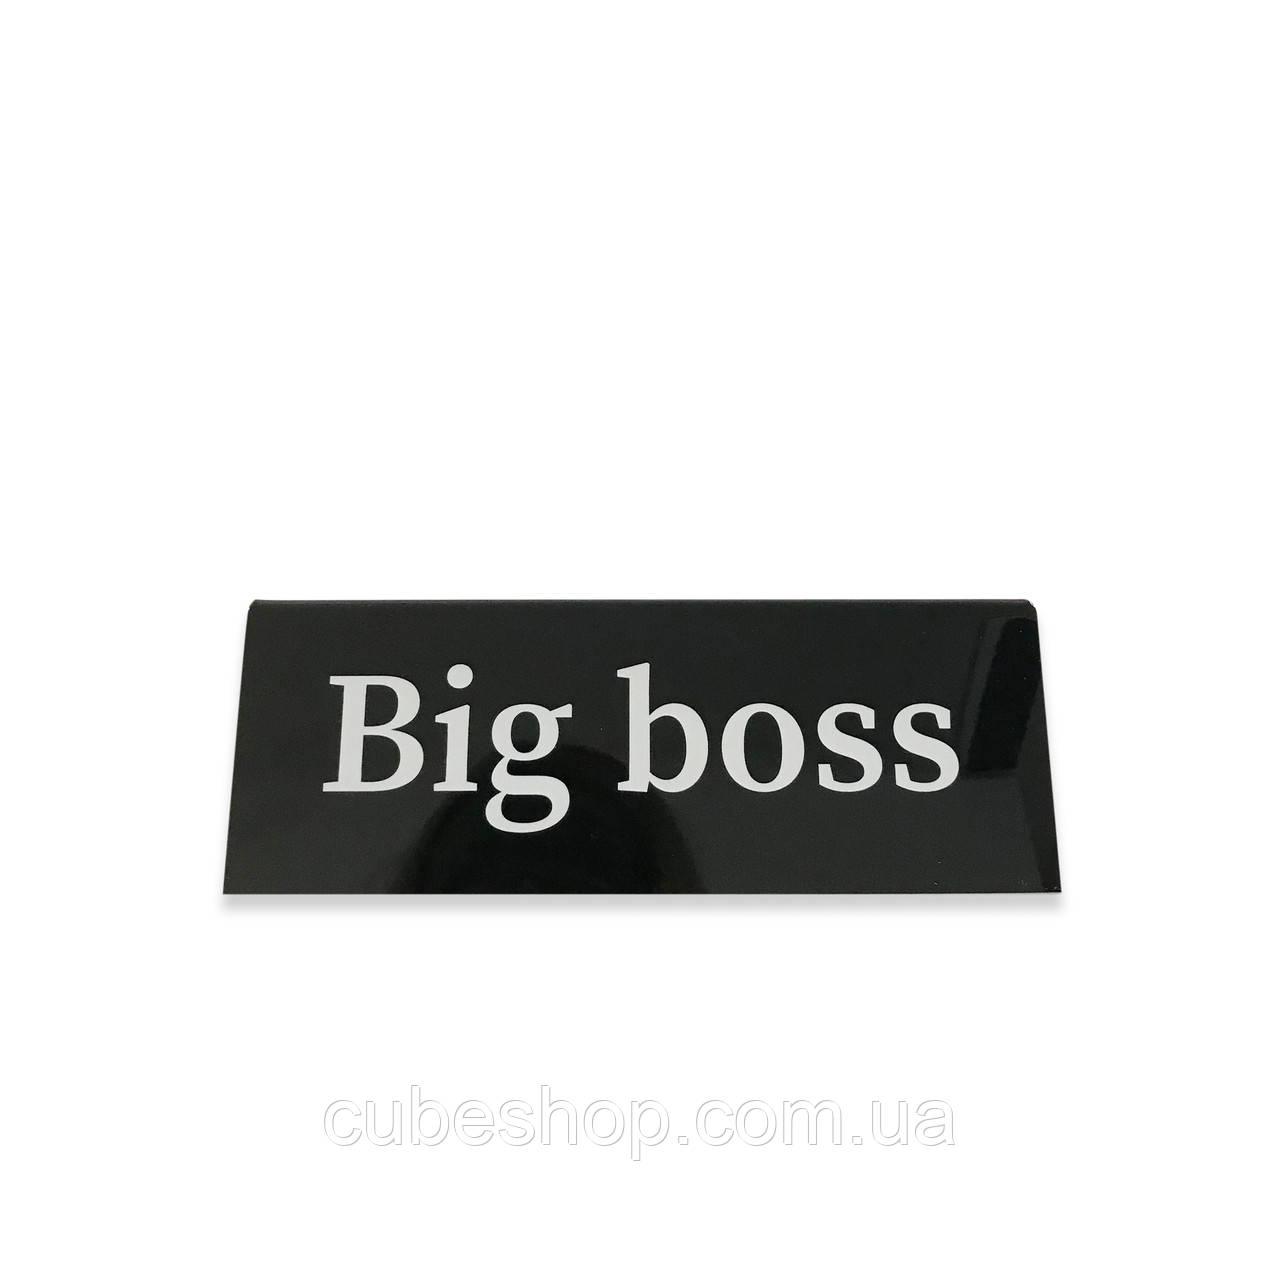 Офисная настольная табличка Big boss